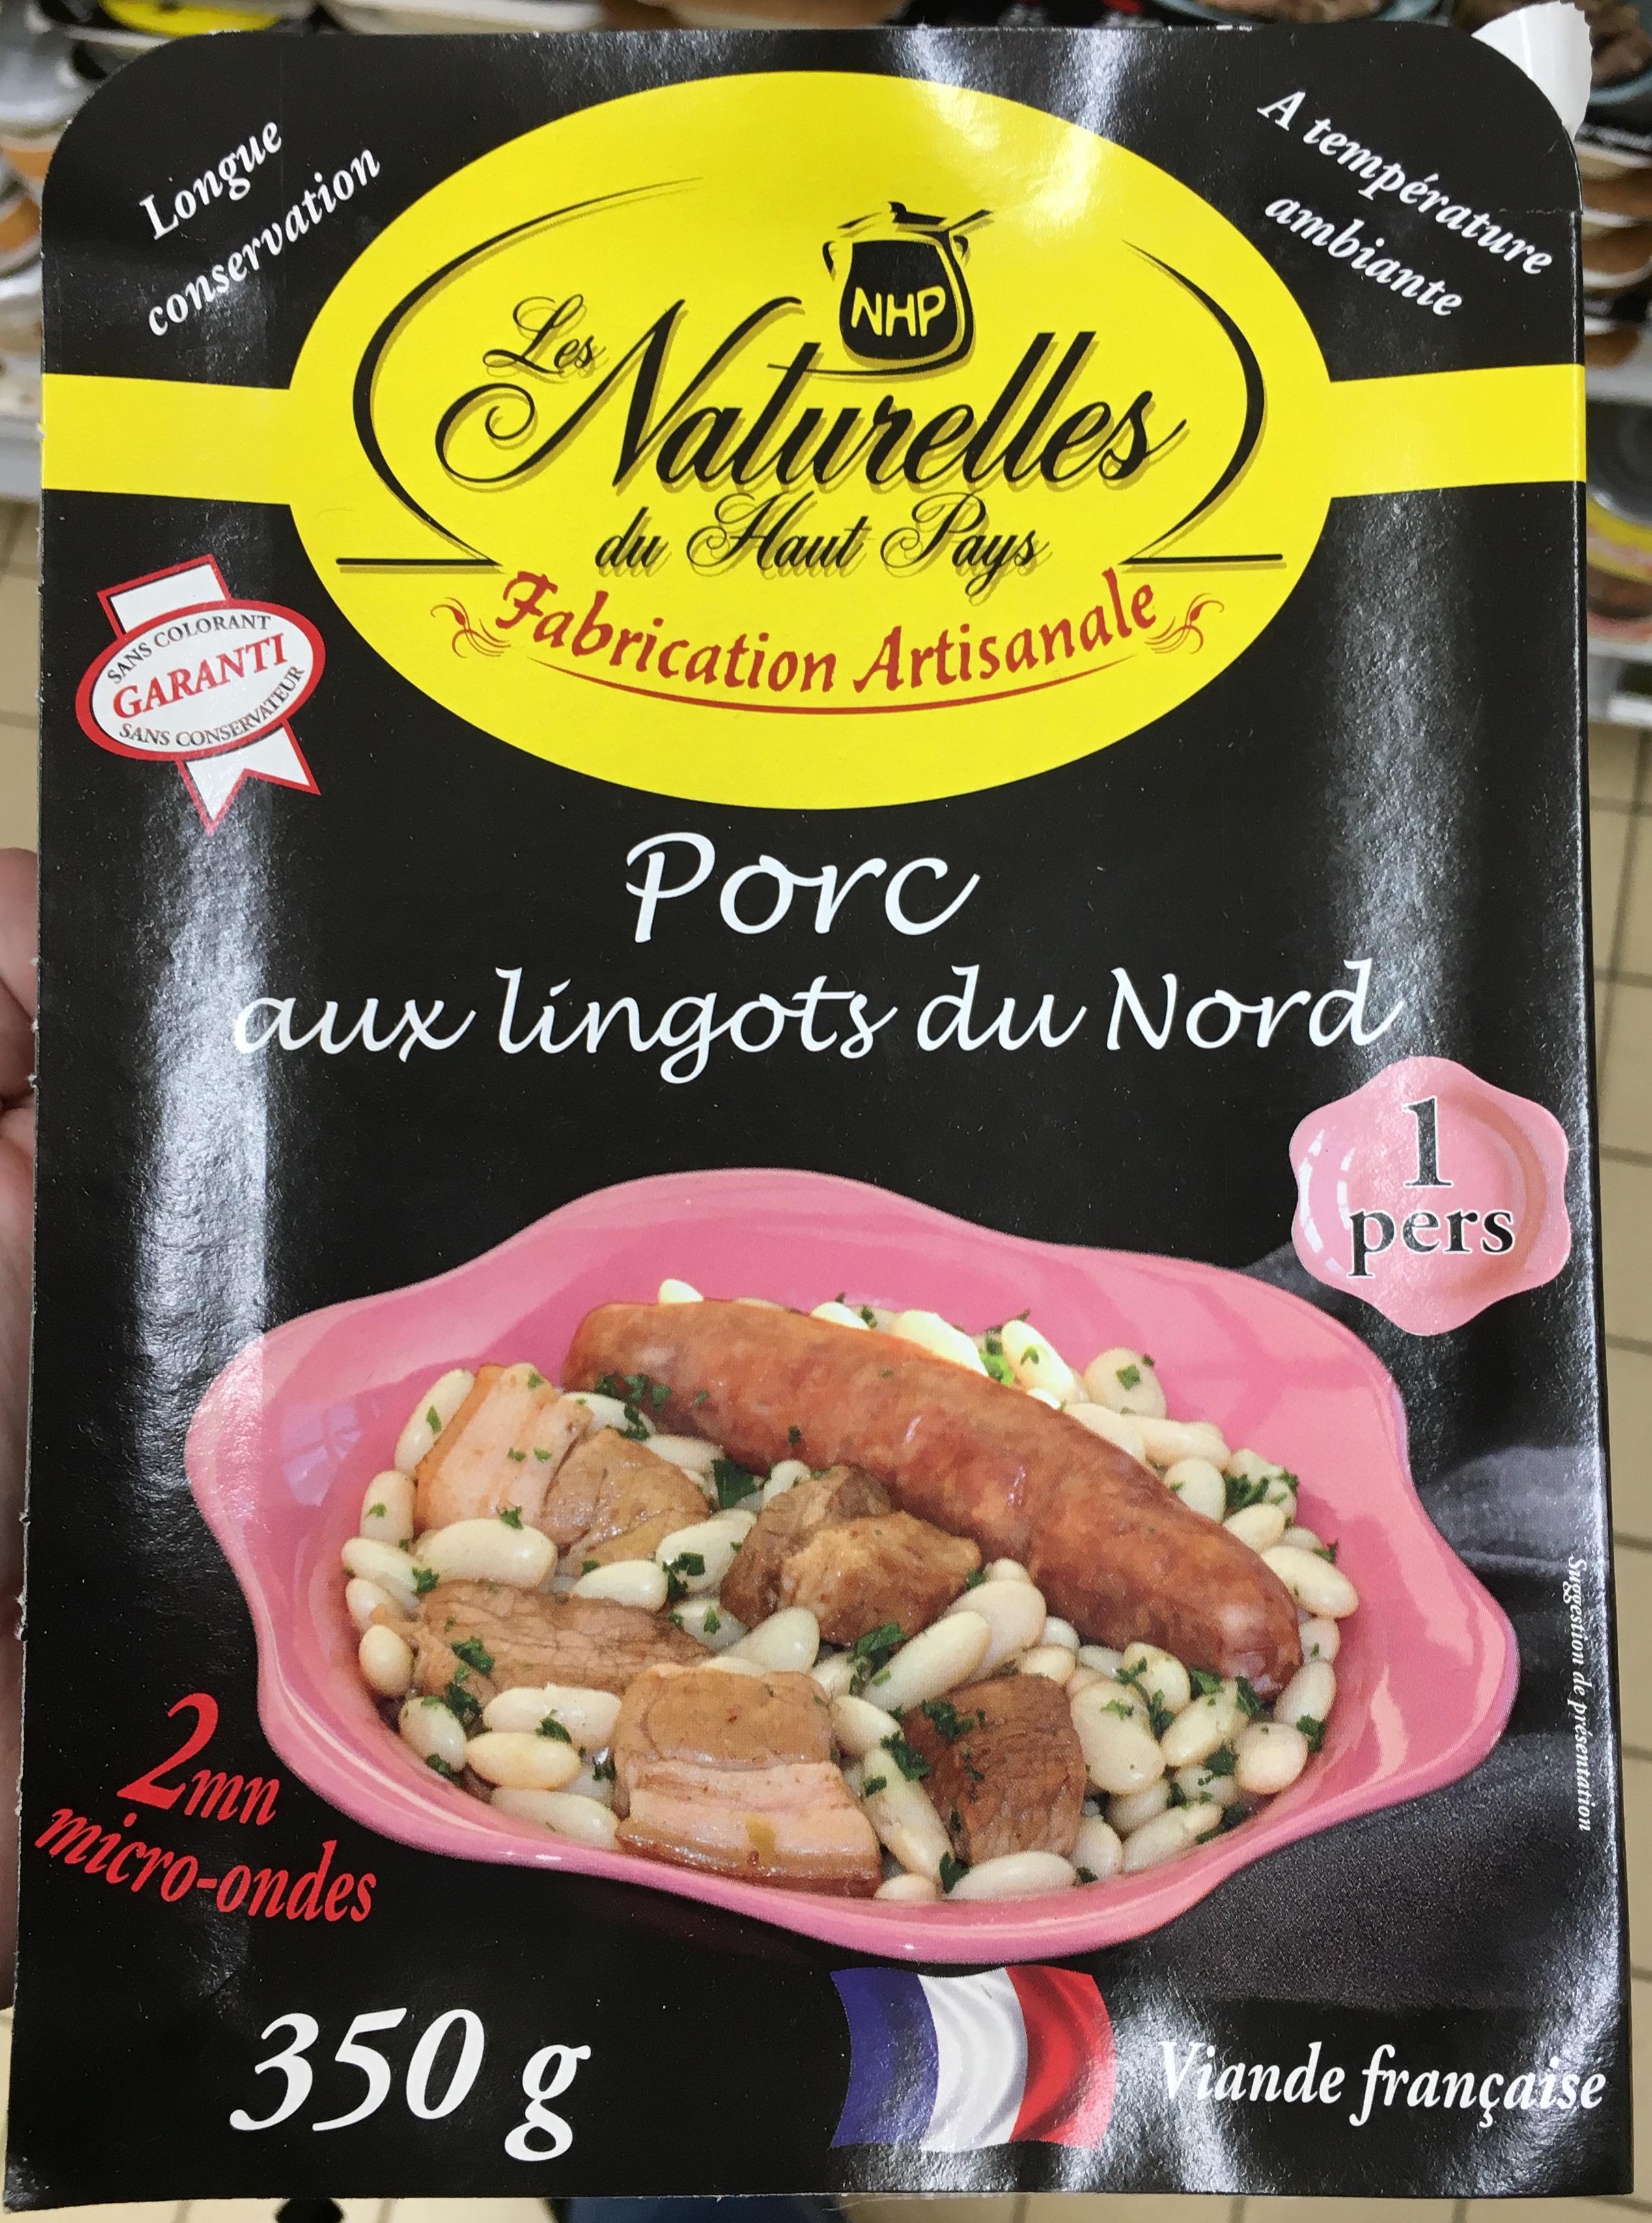 Porc aux lingots du Nord - Product - fr